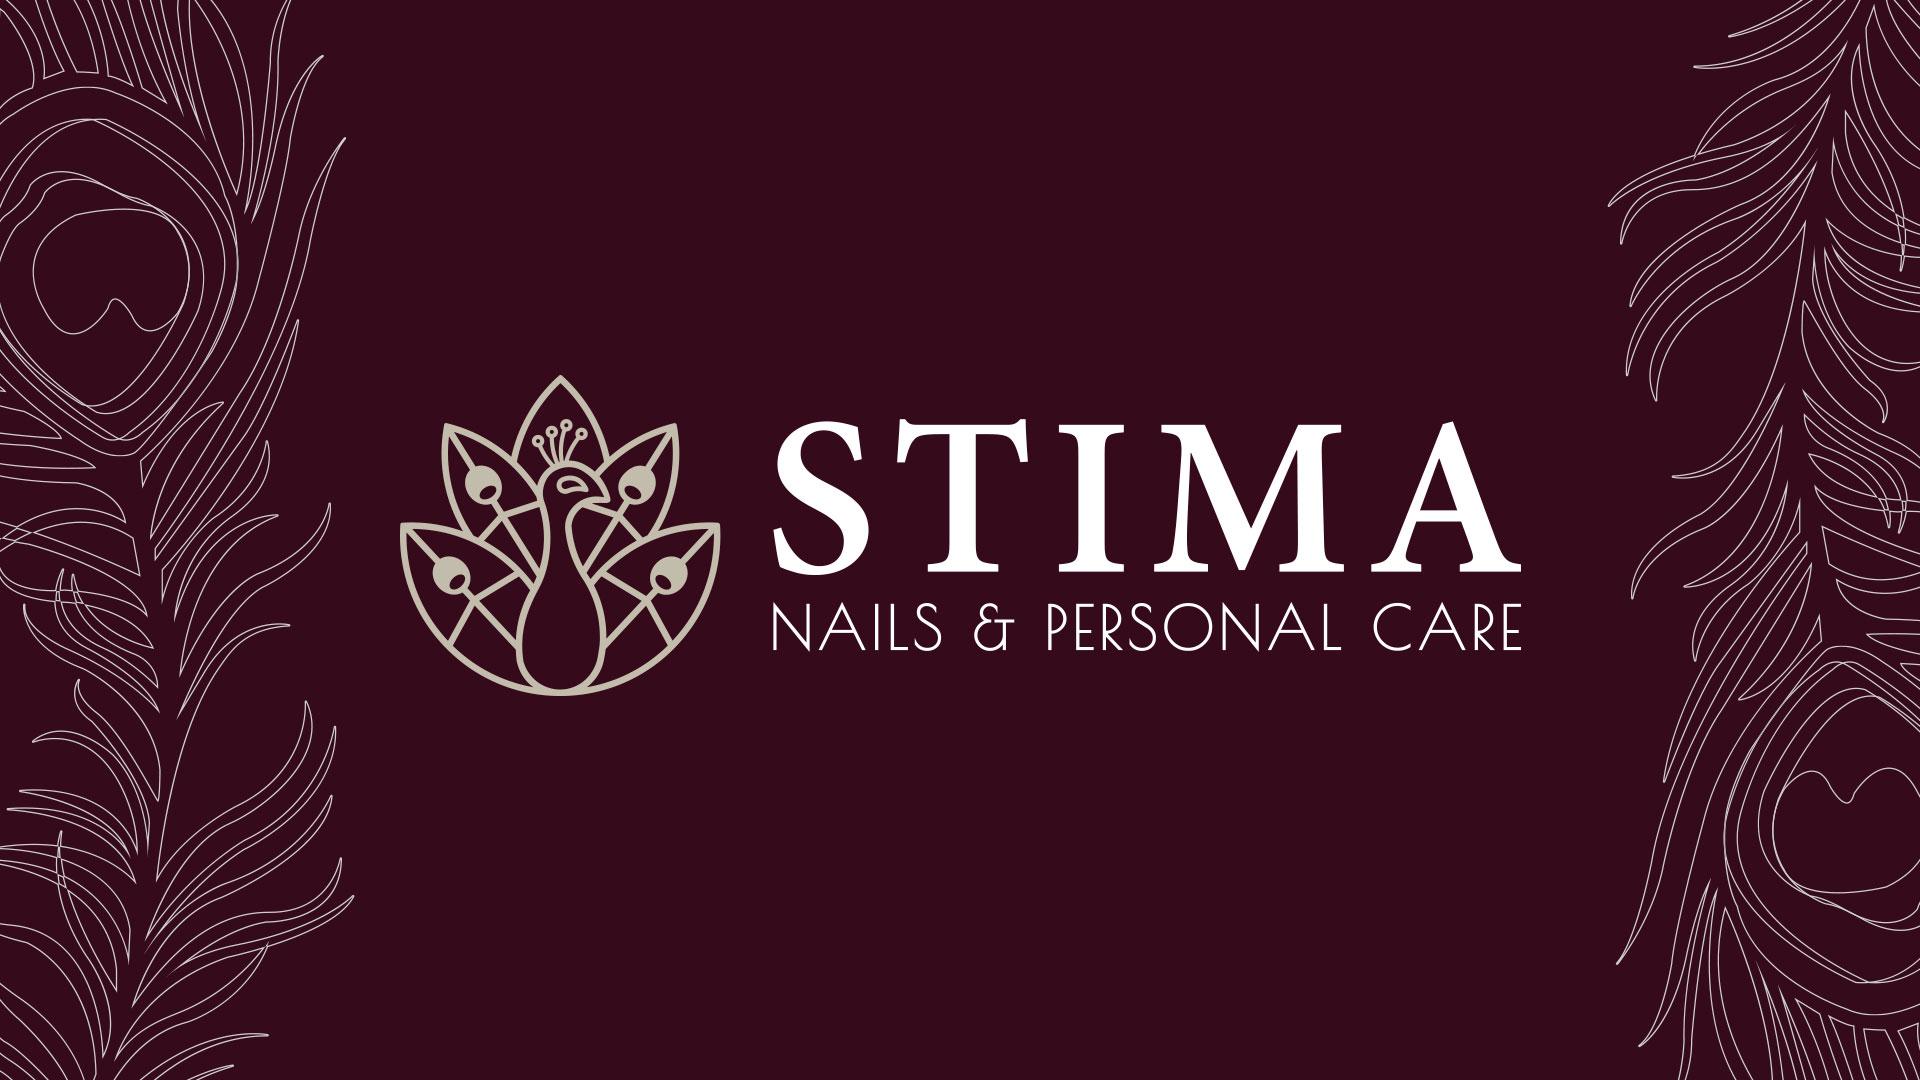 Stima Nails & Personal Care